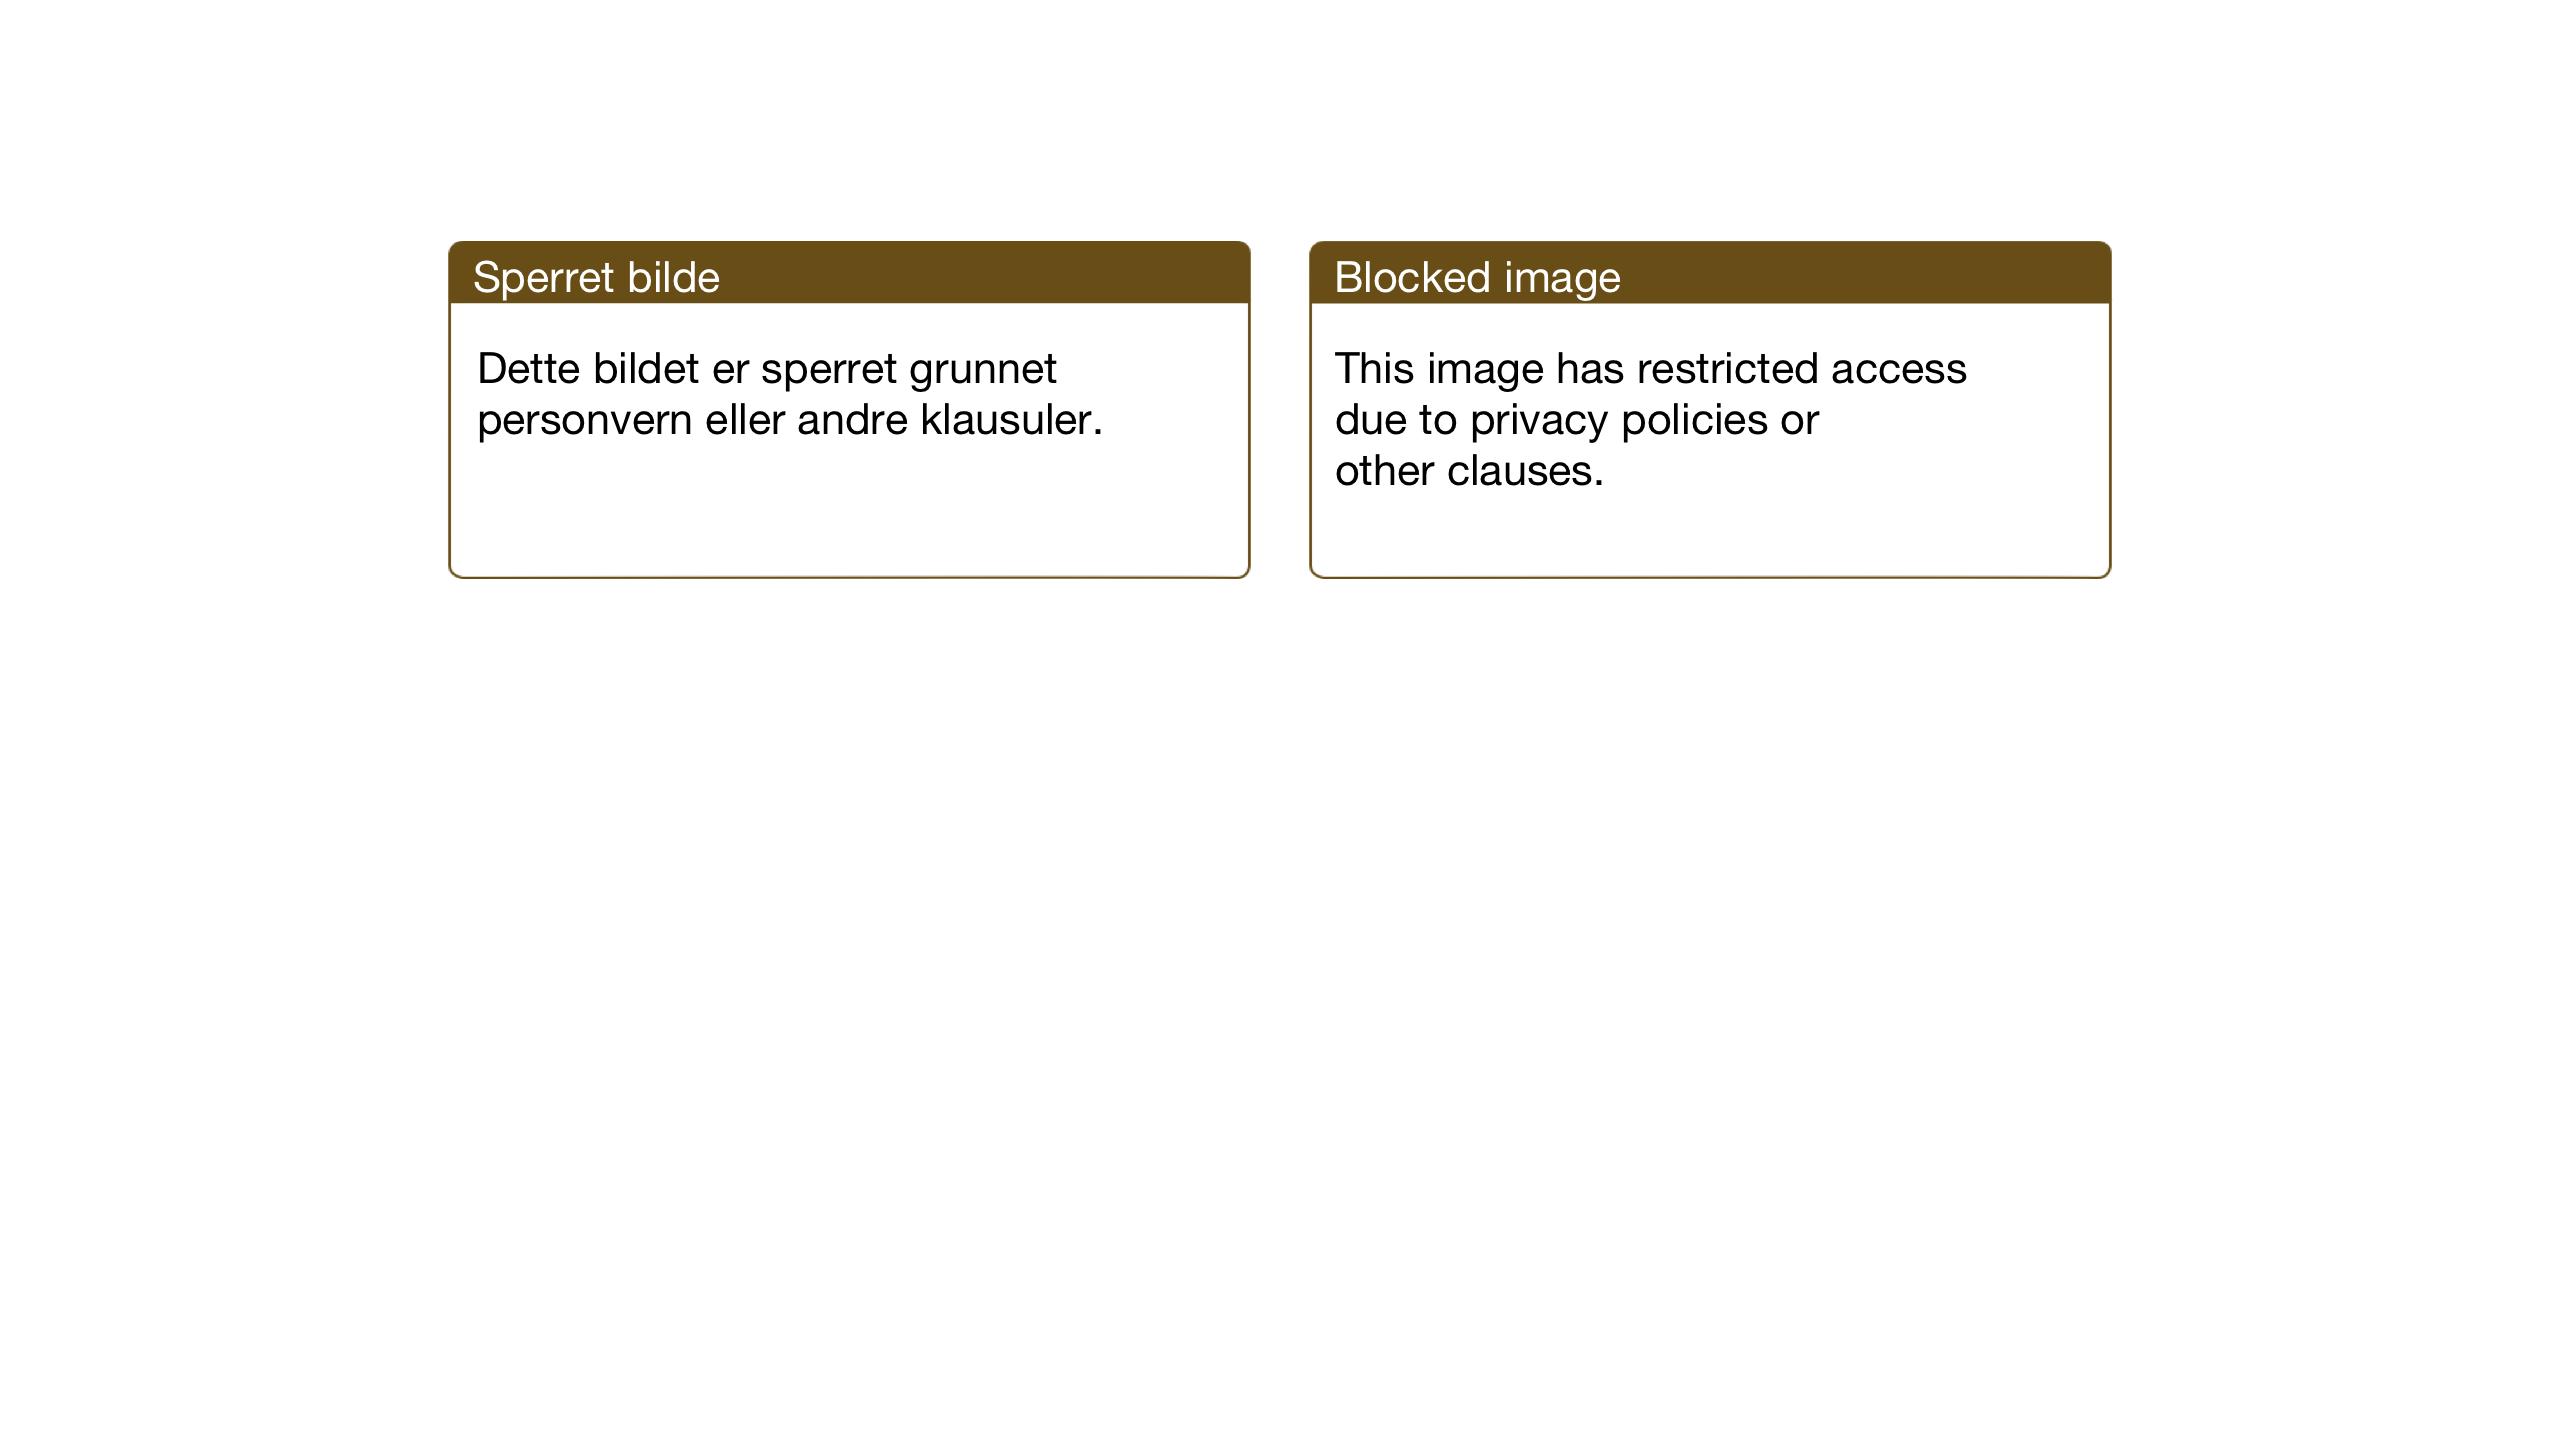 SAT, Ministerialprotokoller, klokkerbøker og fødselsregistre - Sør-Trøndelag, 655/L0689: Klokkerbok nr. 655C05, 1922-1936, s. 47